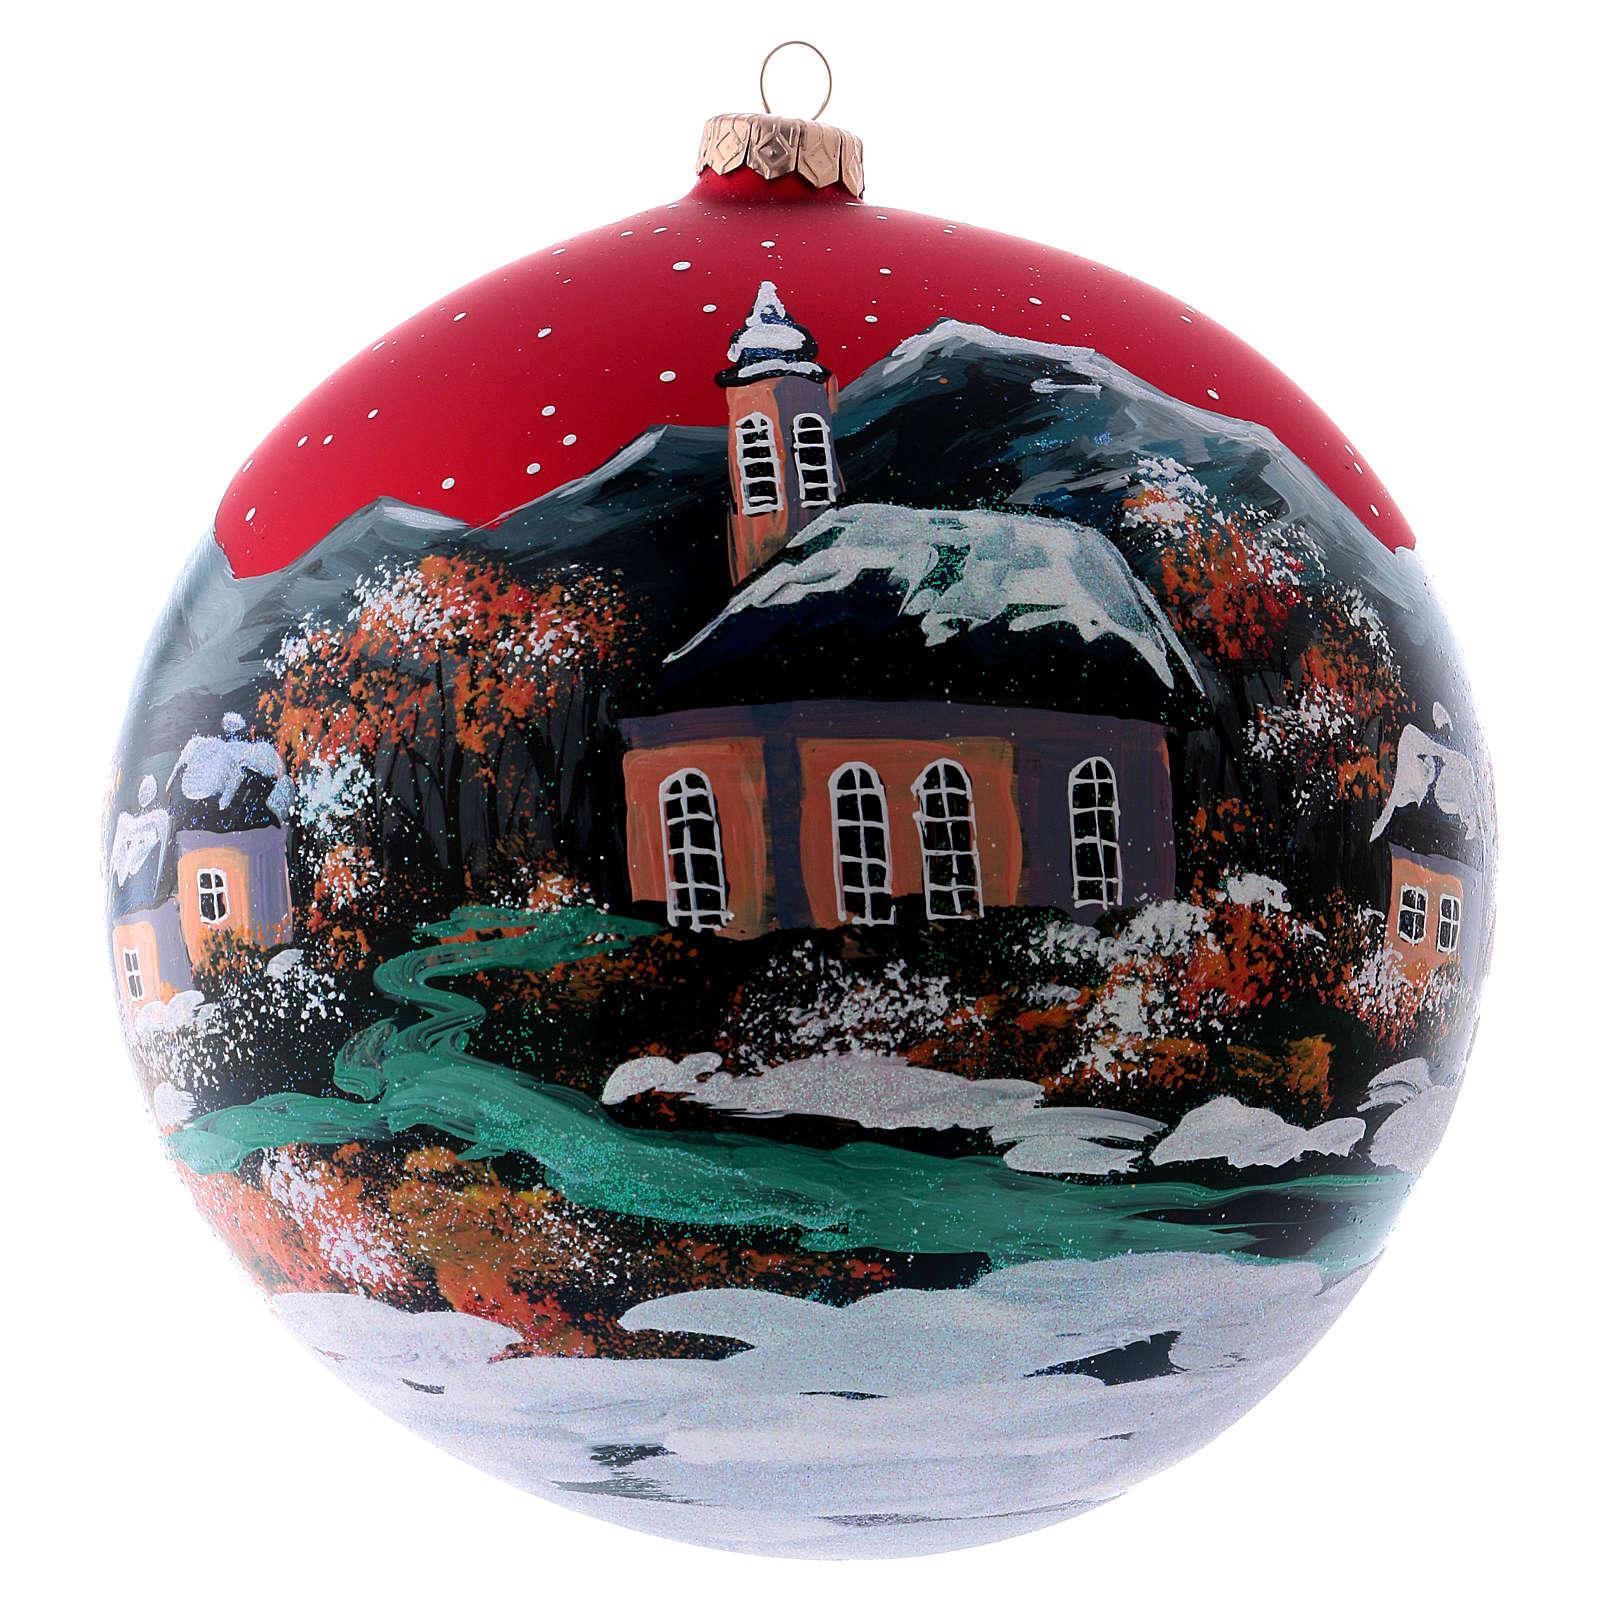 Bola de Natal 200 mm paisagem nórdica nevada céu vermelho vidro soprado 4